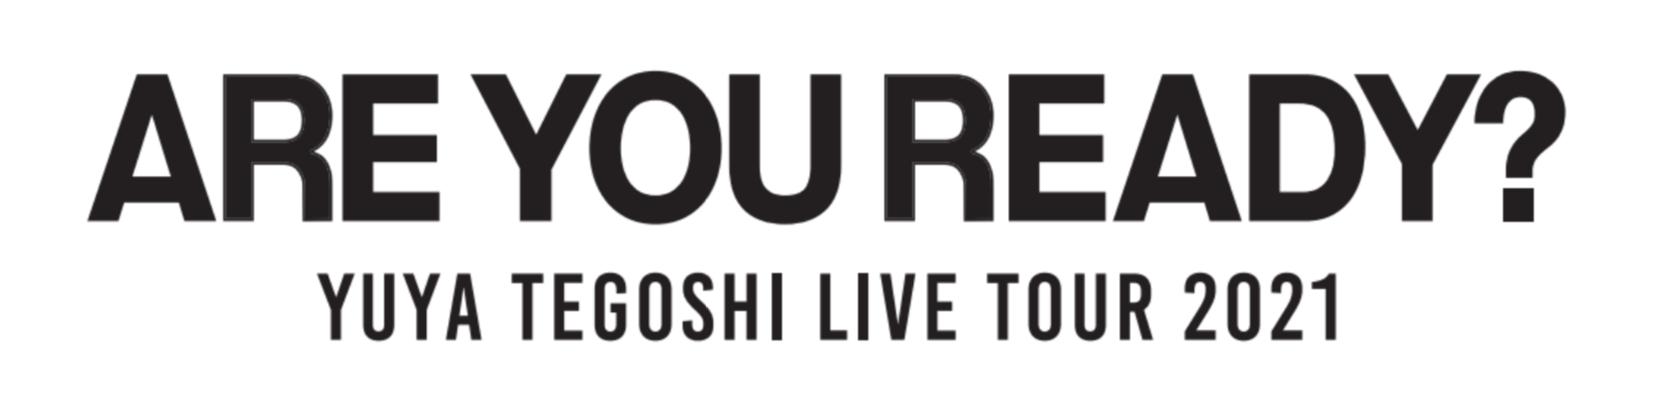 『手越祐也 LIVE TOUR 2021「ARE YOU READY?」』